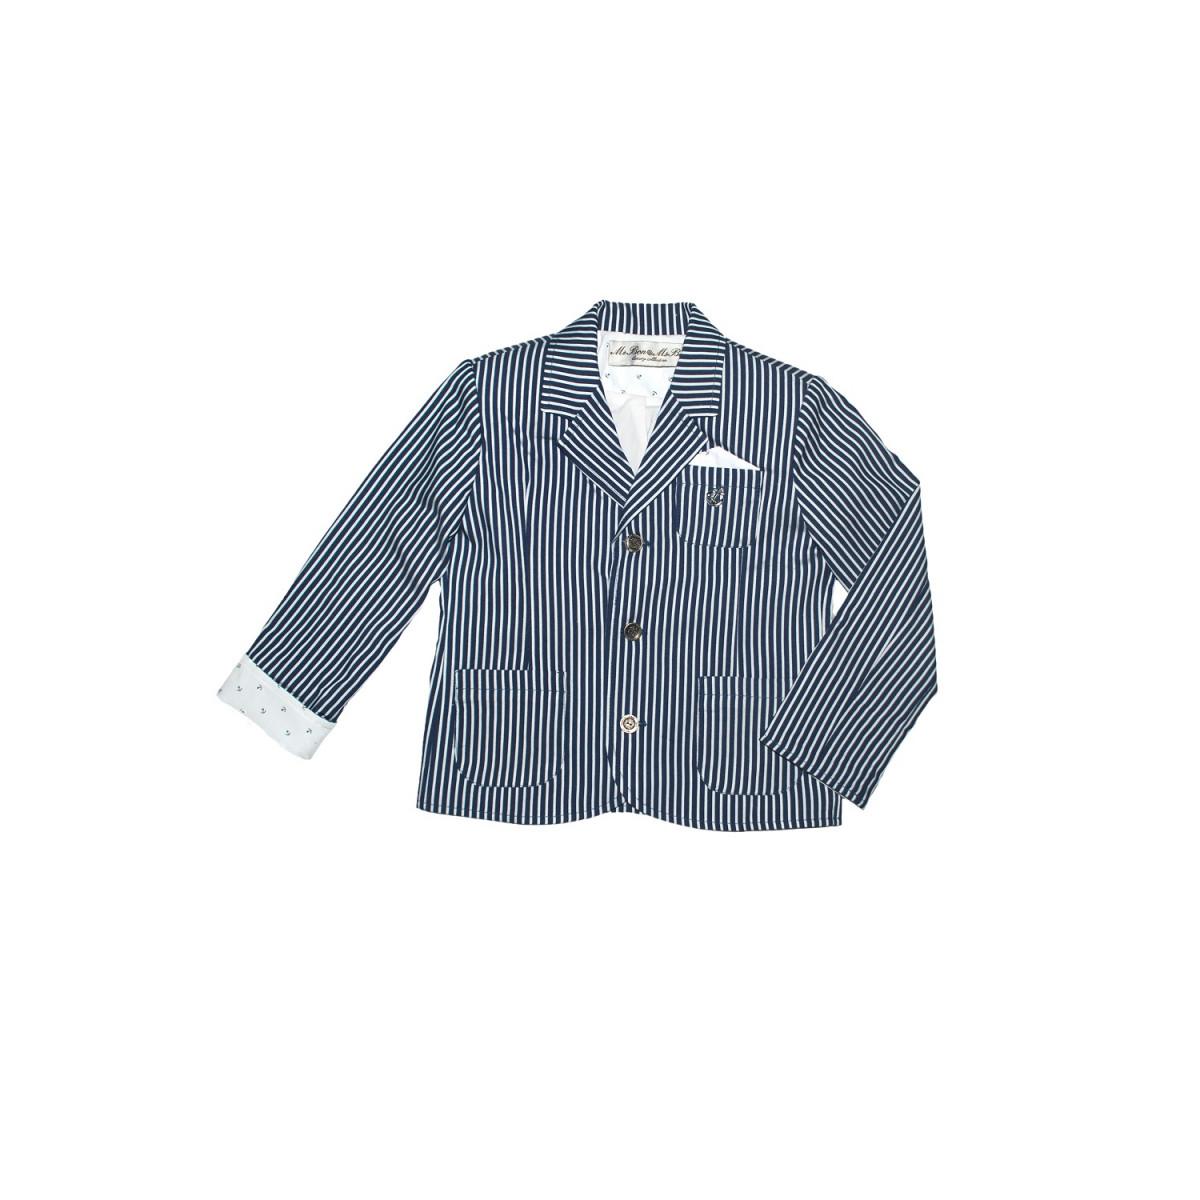 Пиджак для мальчика в полоску.